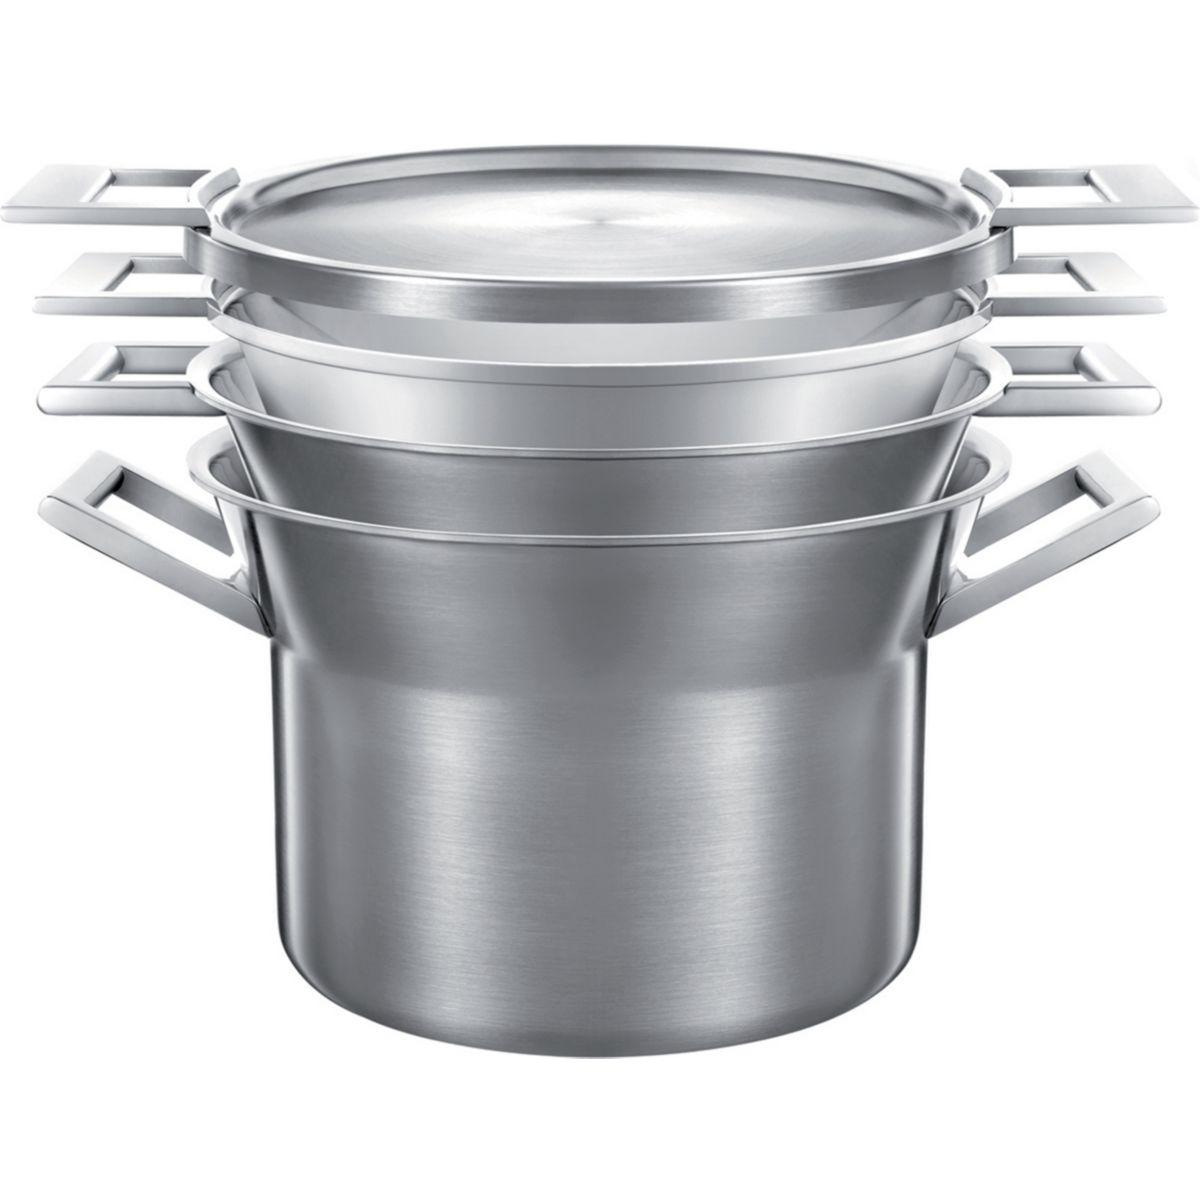 Batterie de cuisine castey artic 4 pces marmite-faitout - 20% de remise imm�diate avec le code : fete20 (photo)